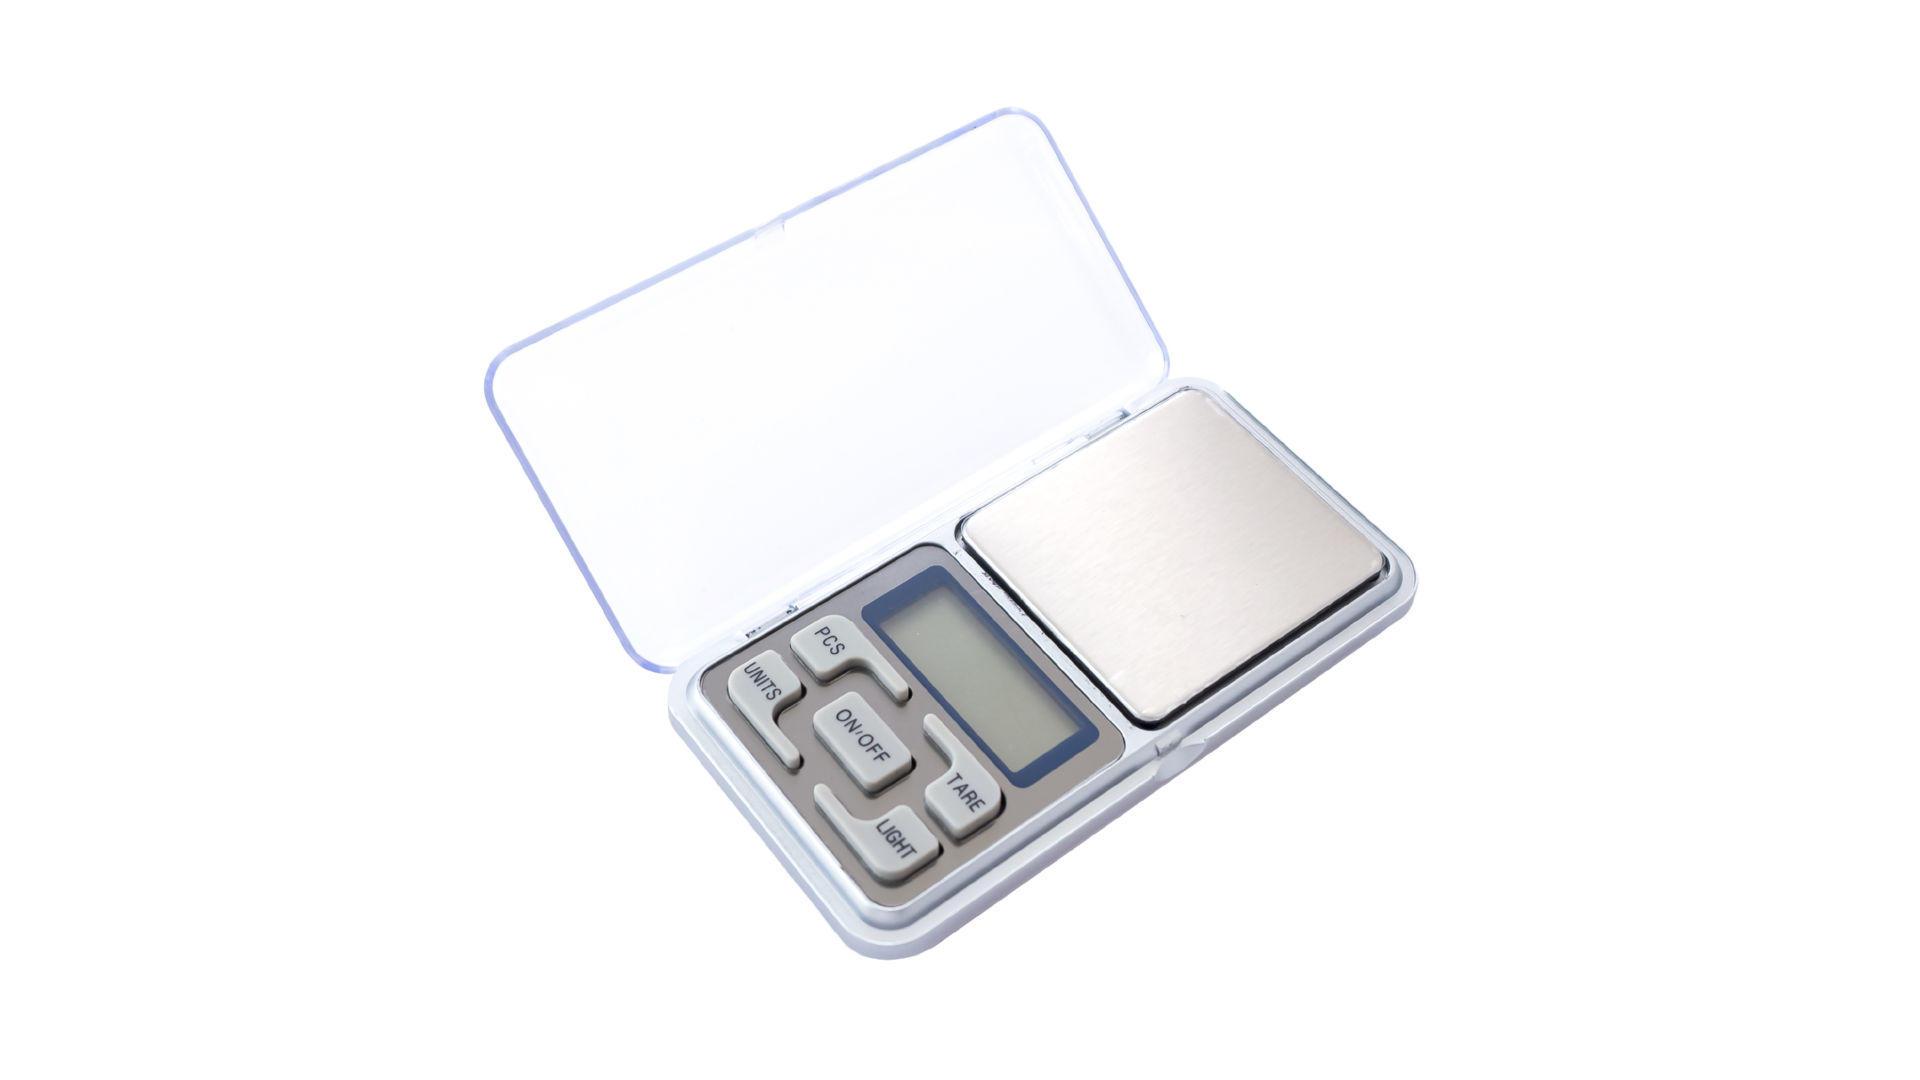 Весы ювелирные Wimpex - WX-668-200 gm 5